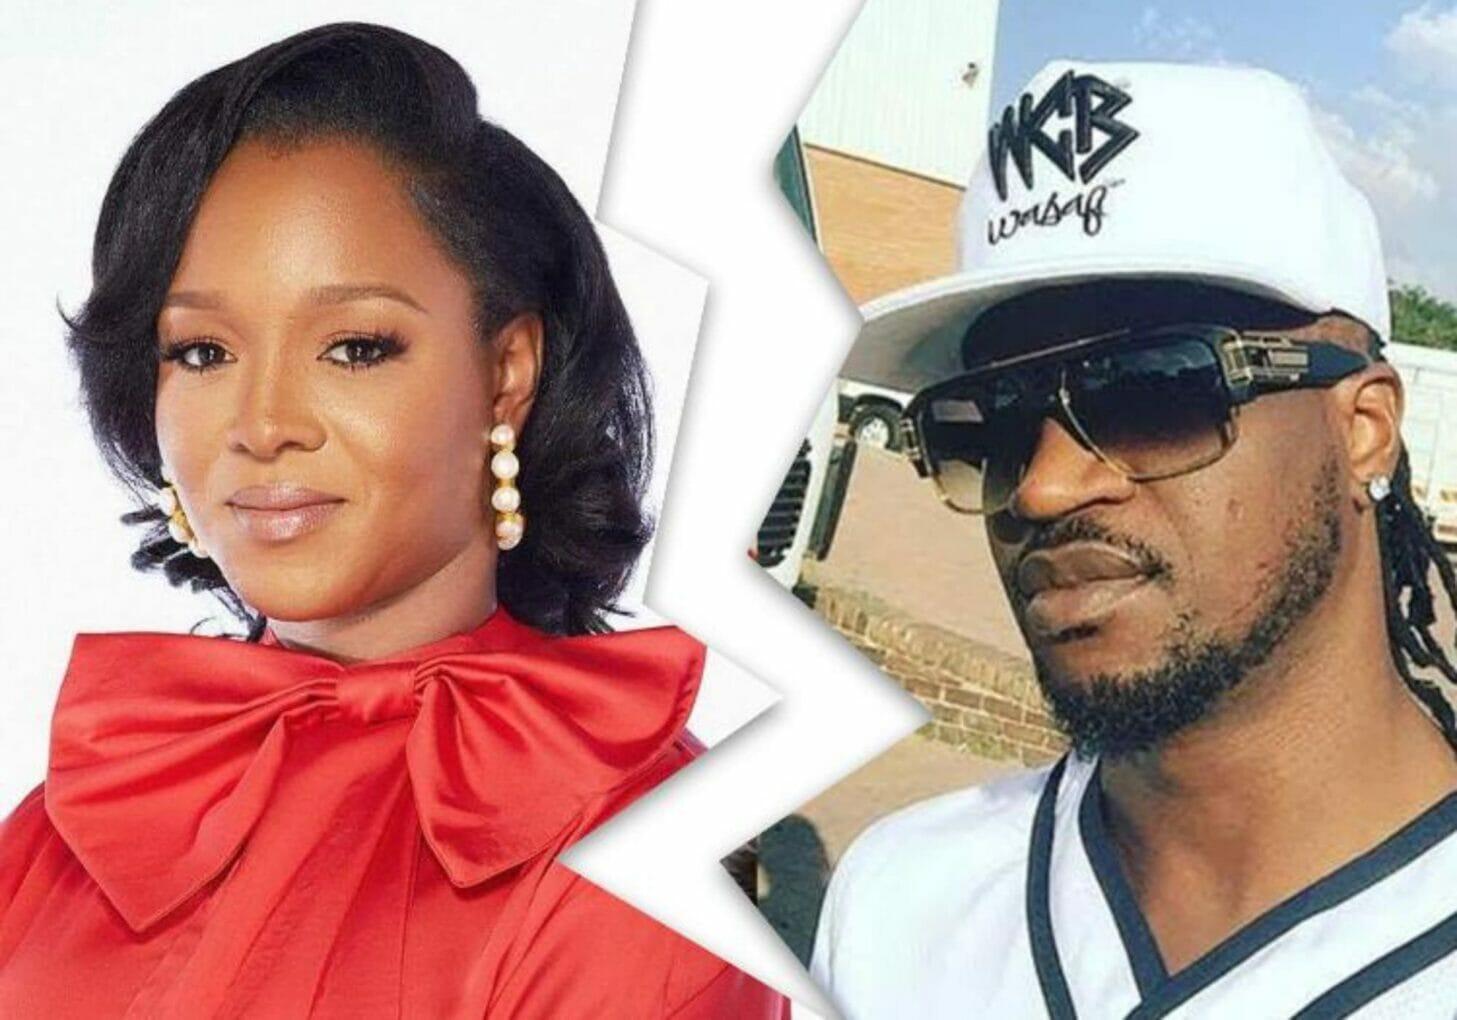 Paul Okoye and Anita's marriage crash over infidelity - KFN